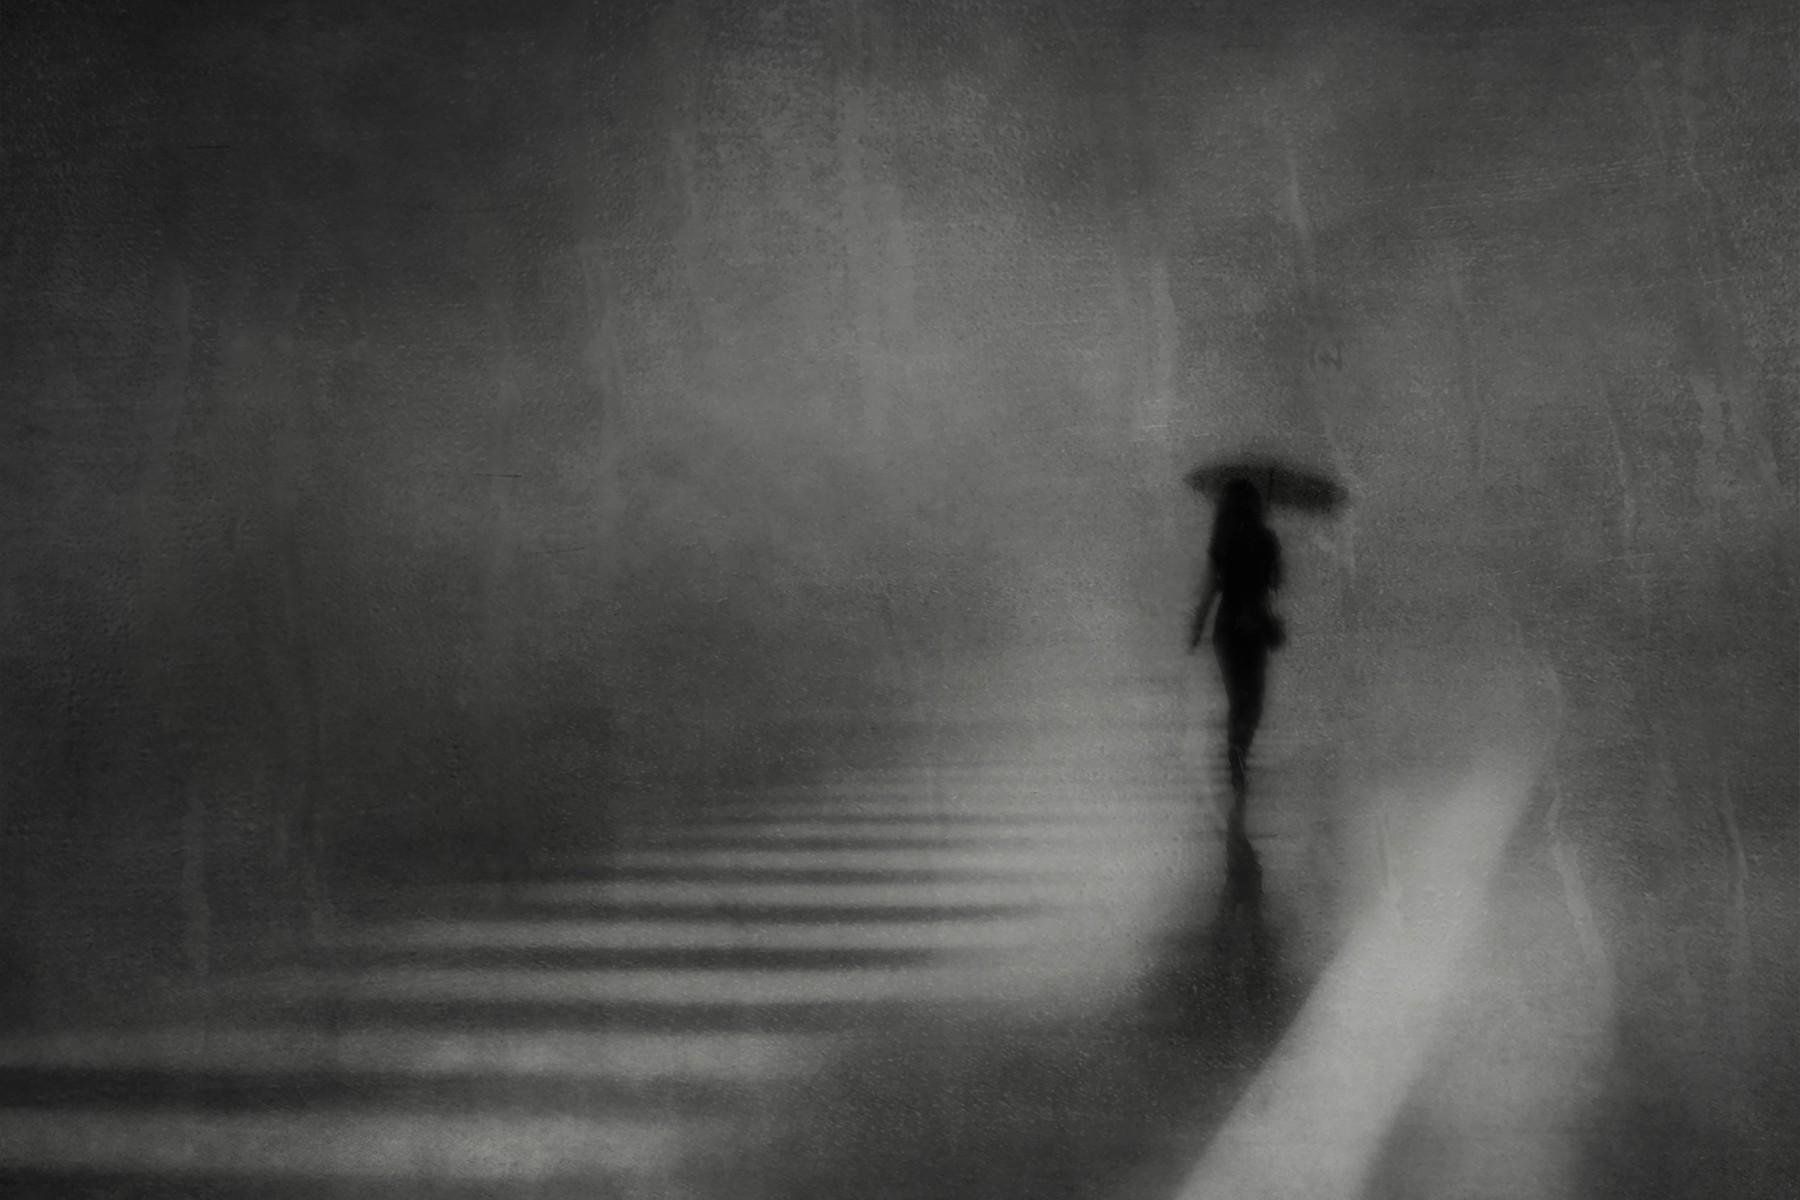 Сентябрьская дымка. Автор Даниэль Кастонгуэй